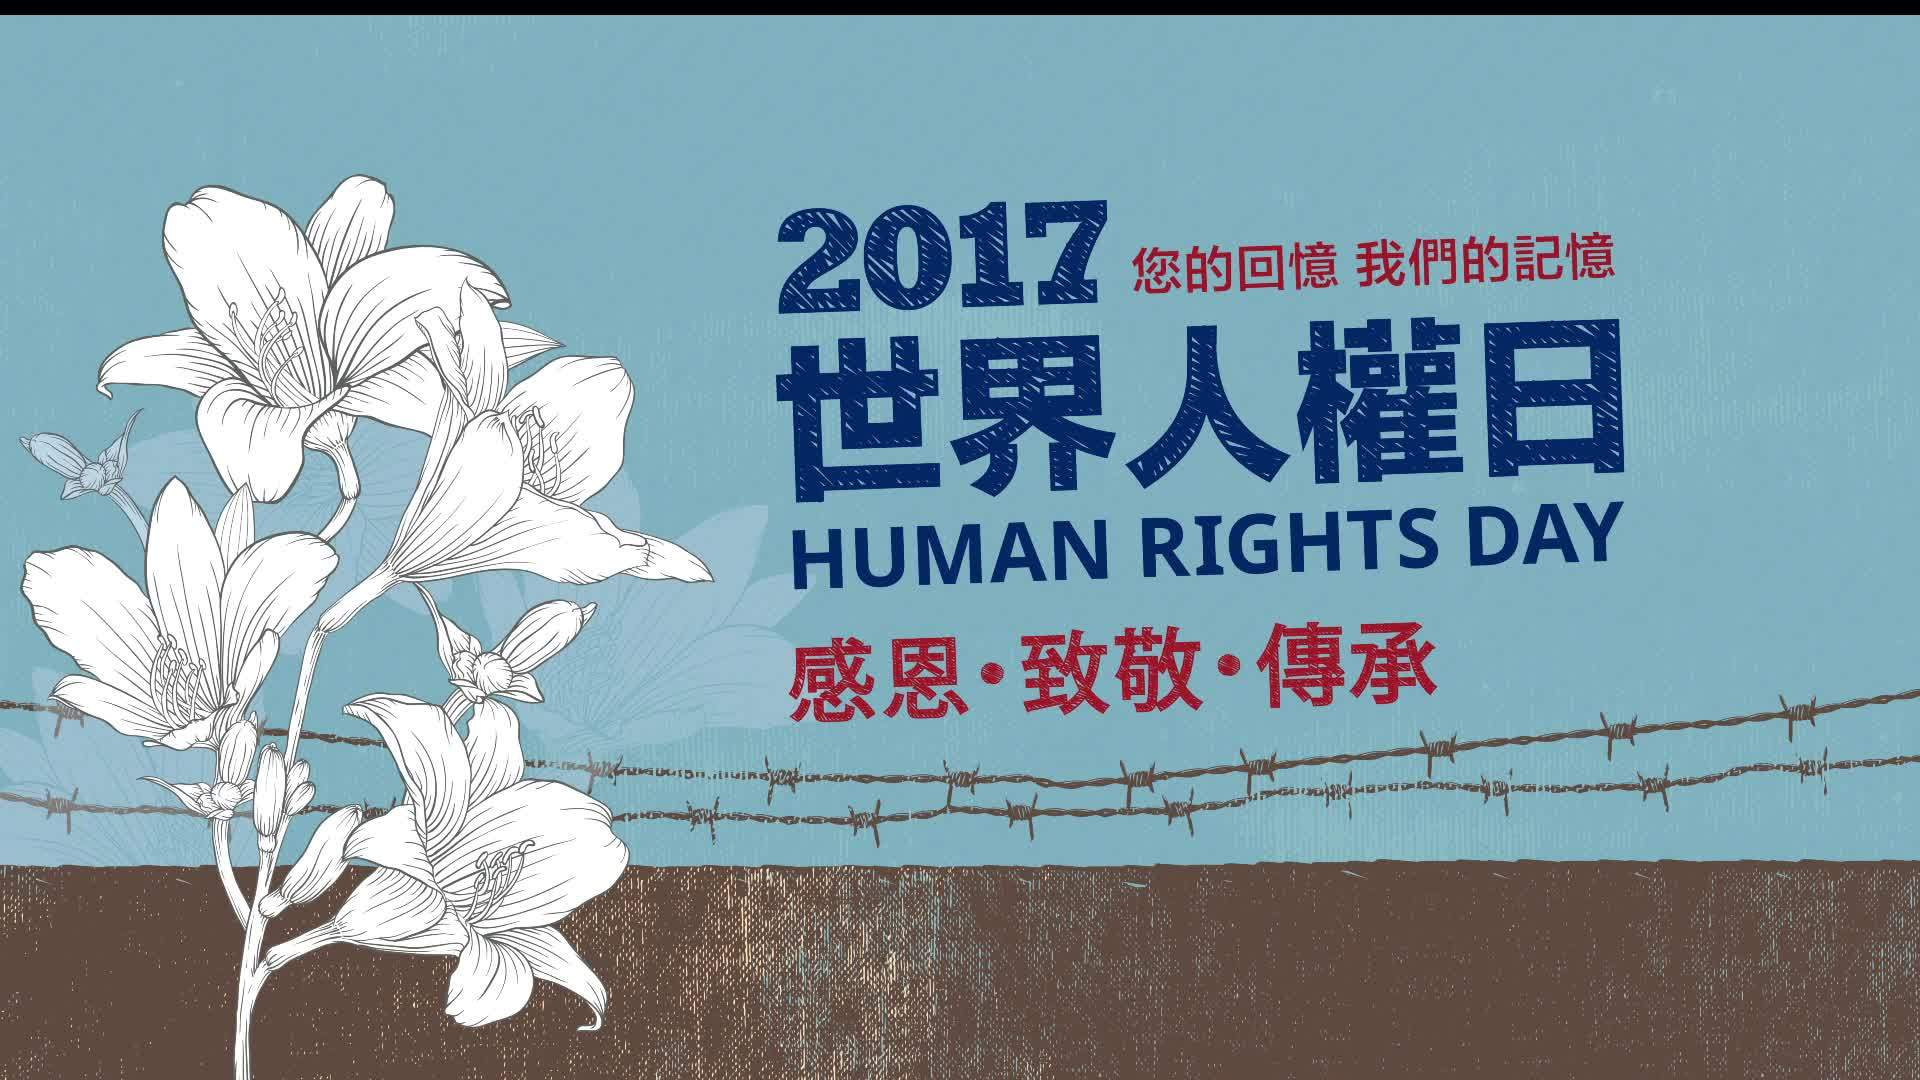 2017 世界人權日紀念活動 10分鐘